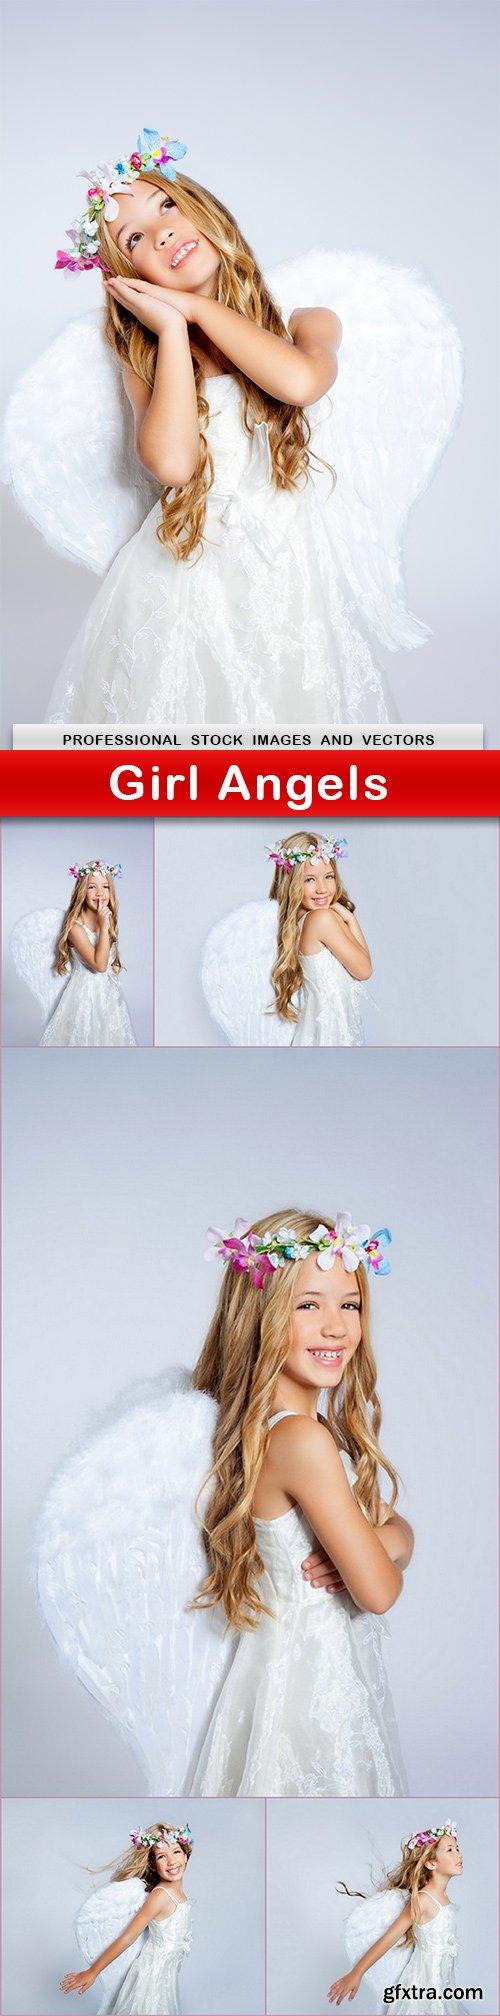 Girl Angels - 6 UHQ JPEG